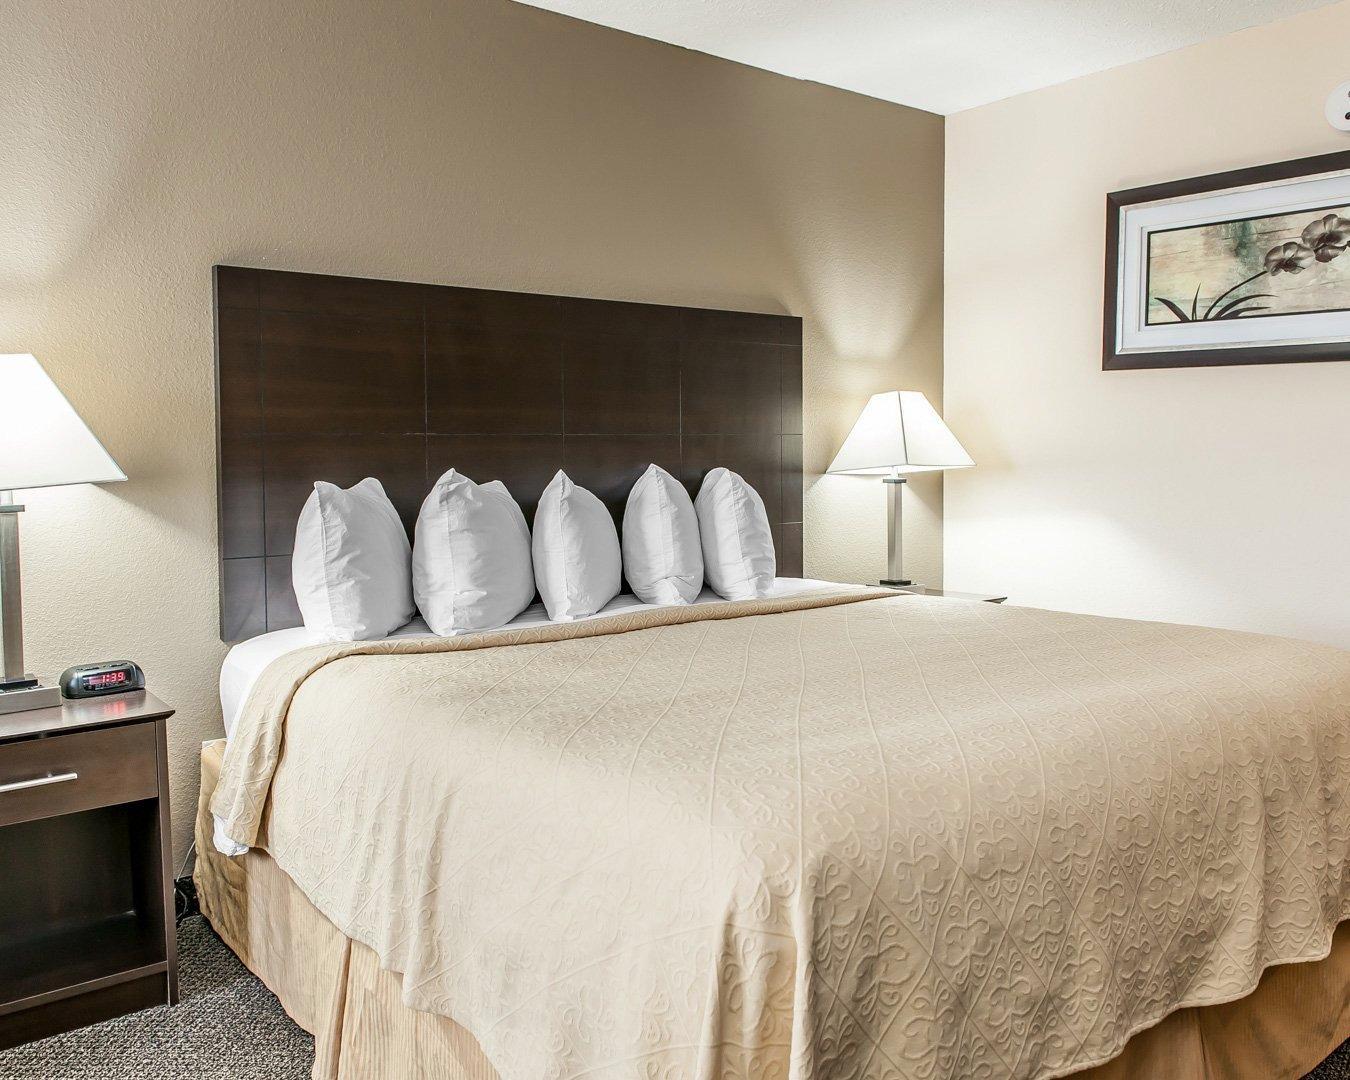 Quality Inn & Suites, Mattoon IL